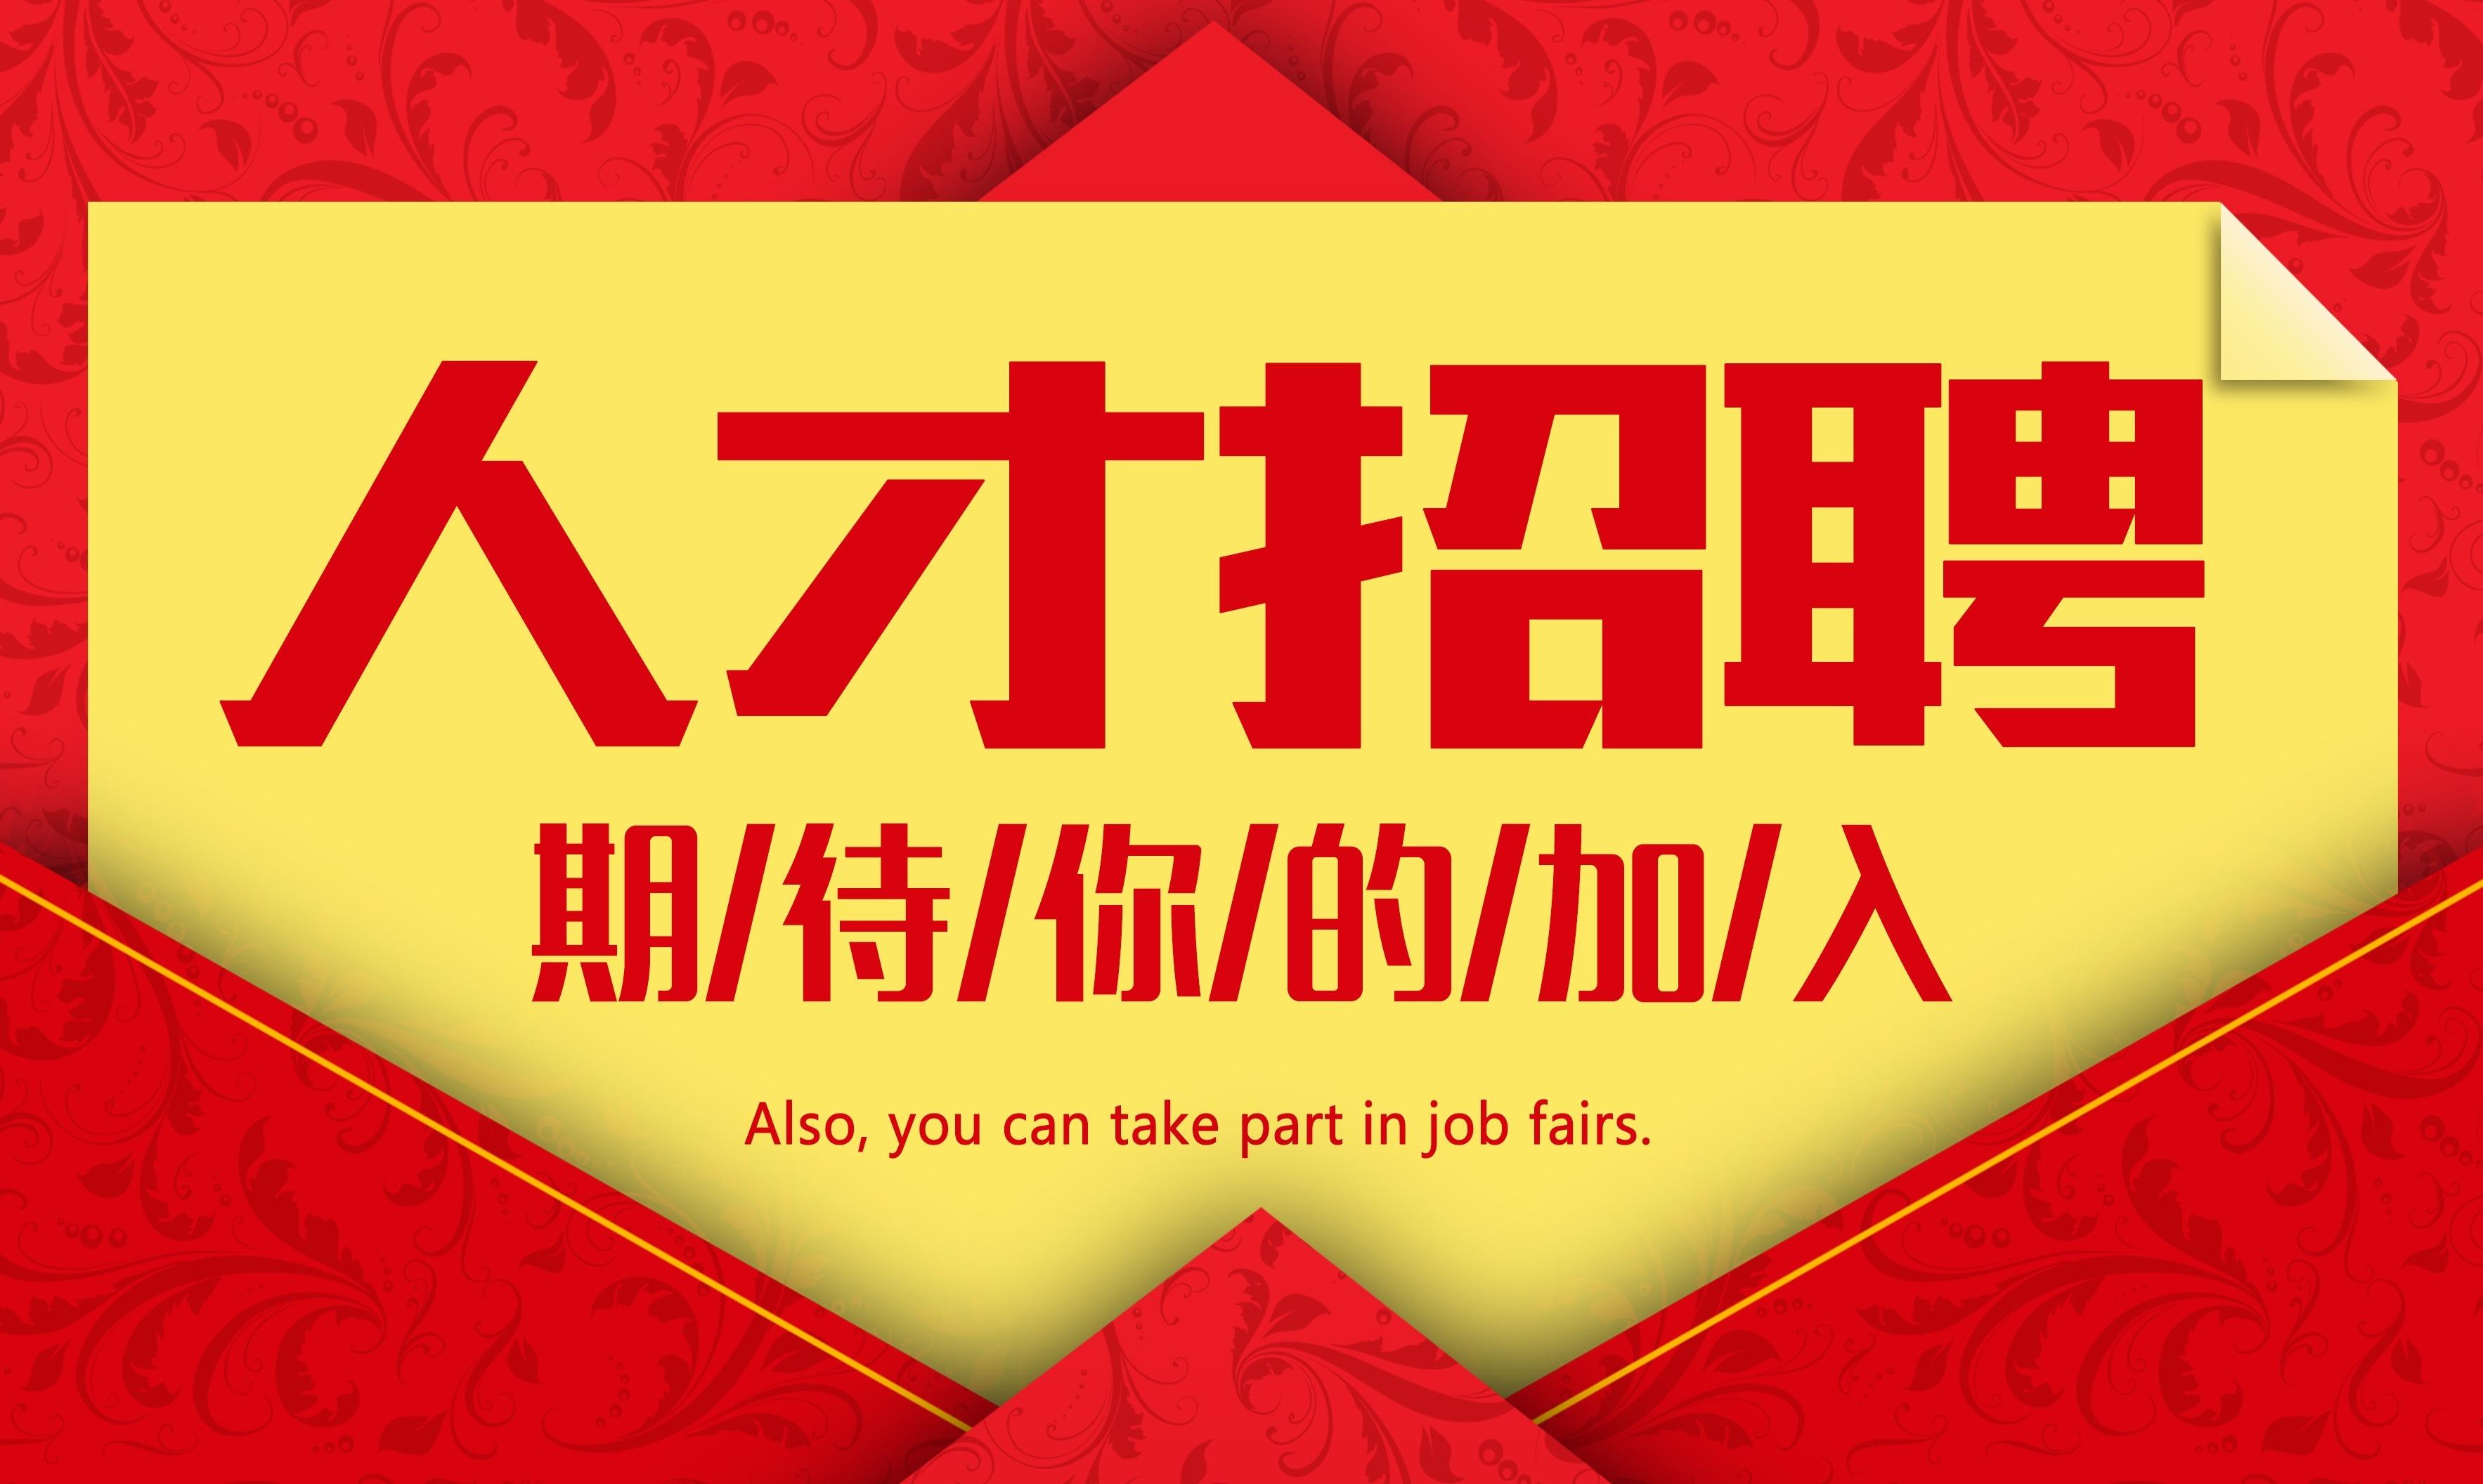 网易衢州新媒体(衢州运营中心)招聘